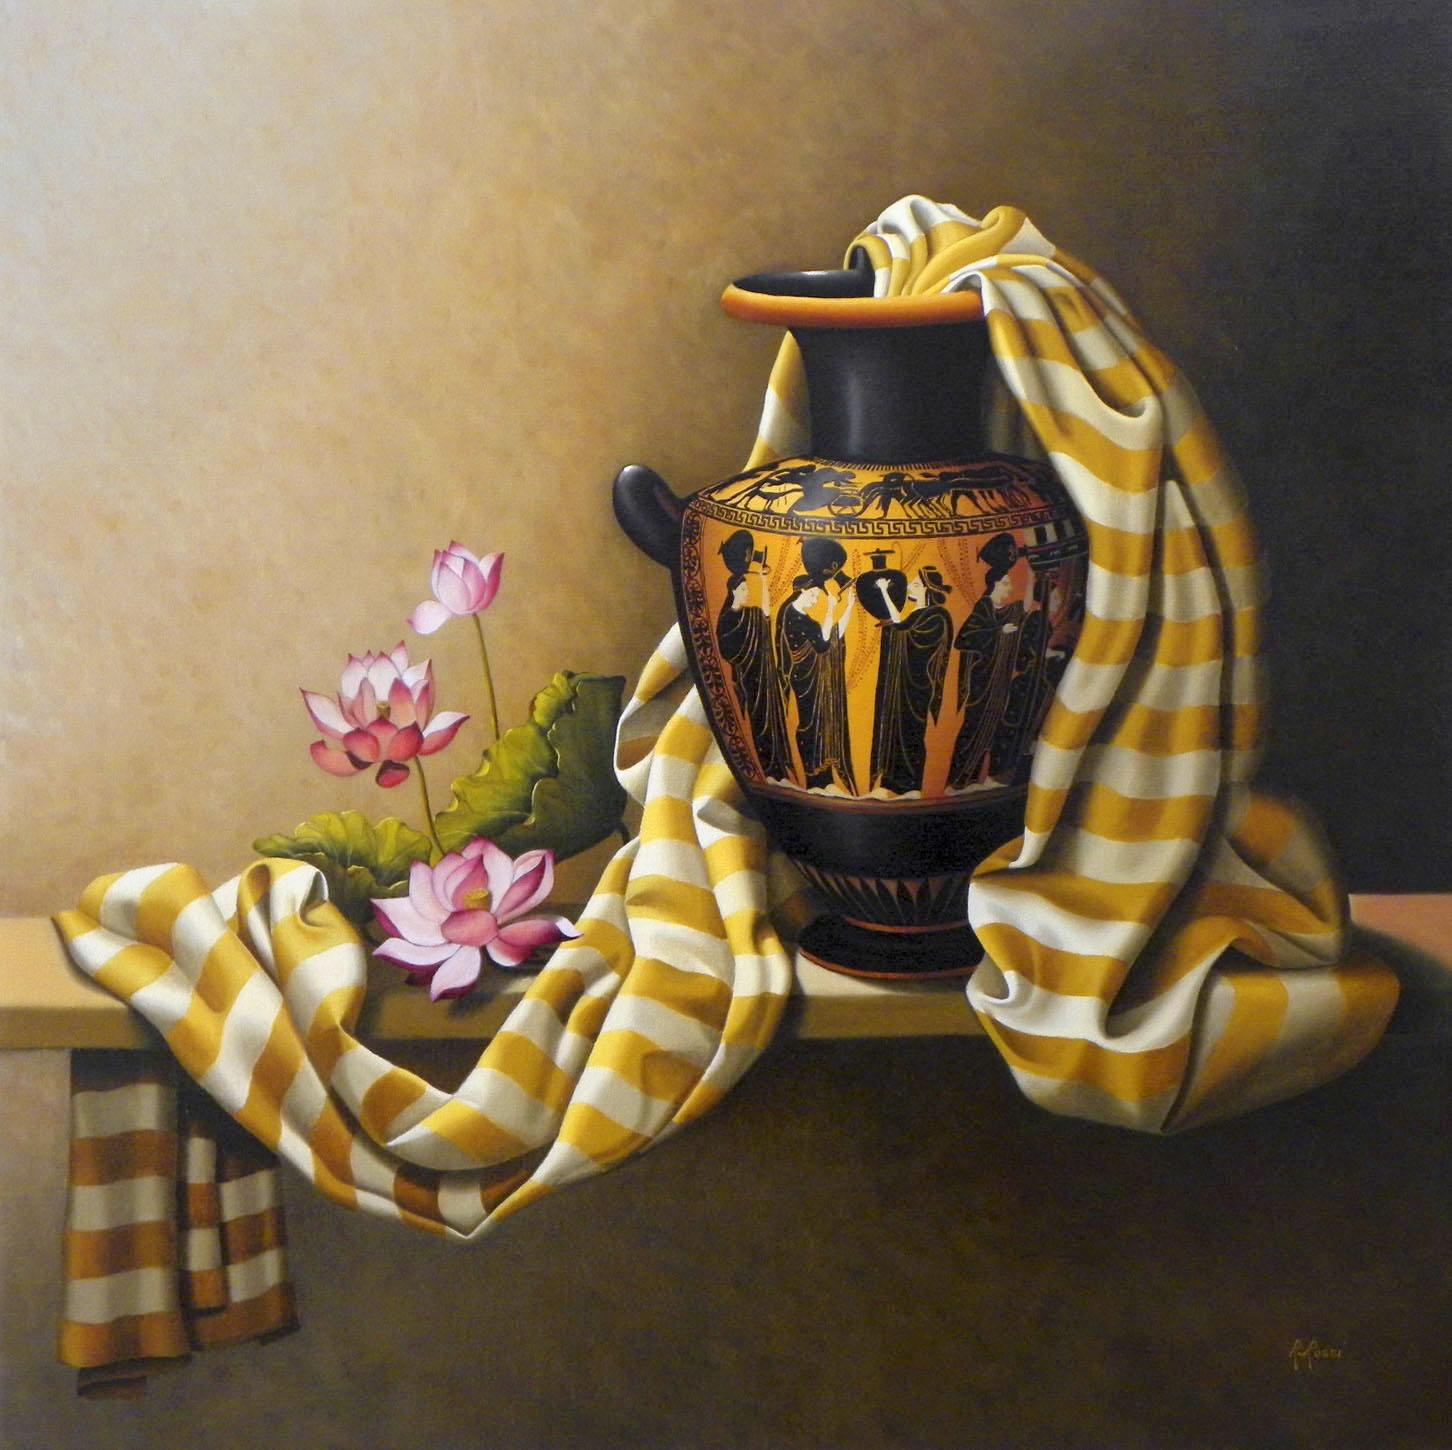 2009 roberta rossi – Fanciulle alla fonte – olio su tela – 70 x 70